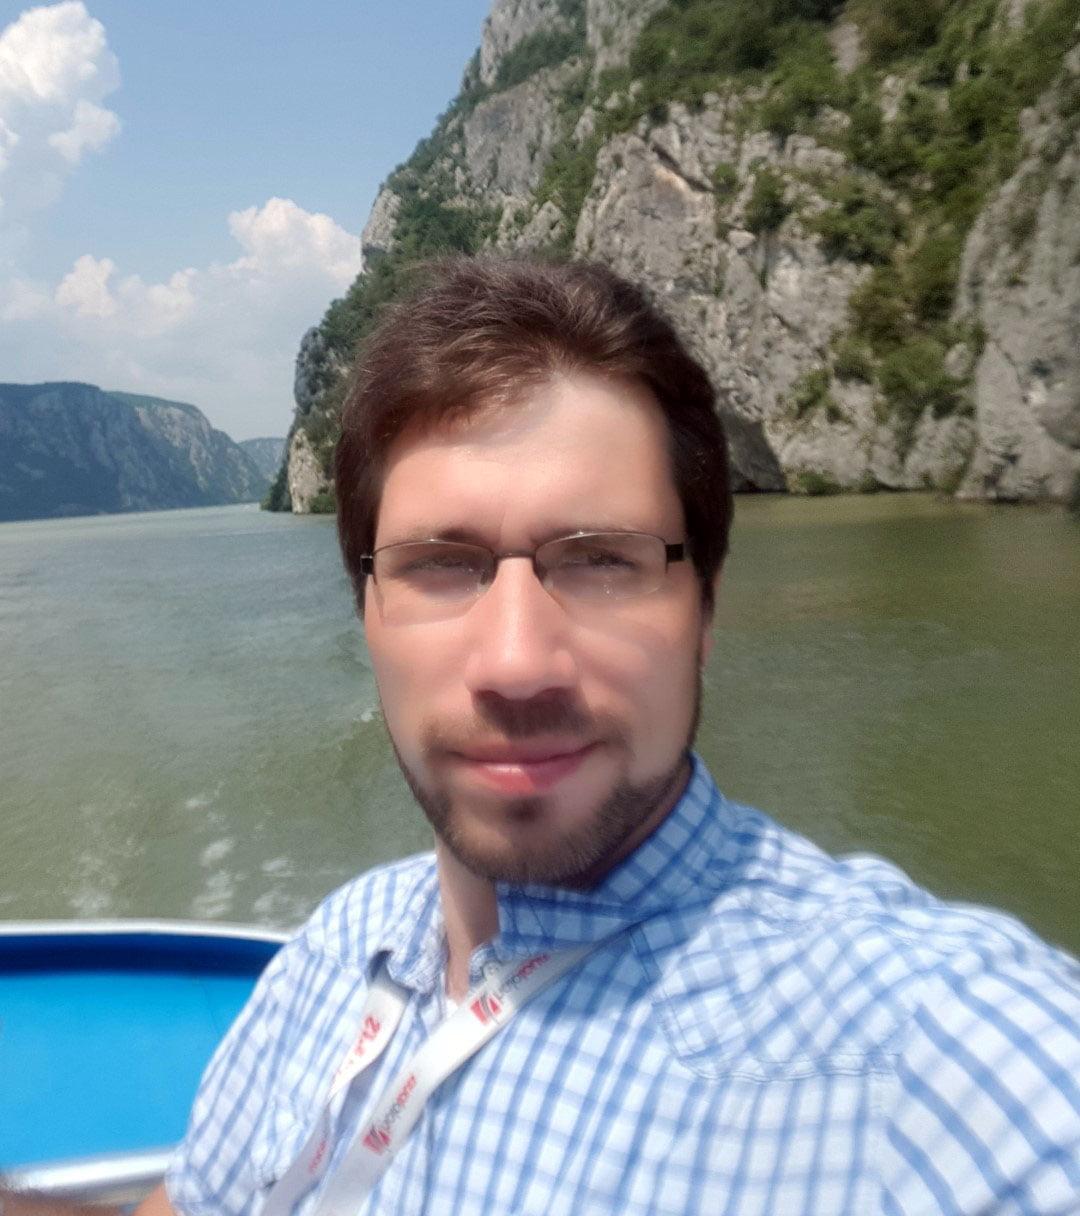 Srbija_Reka_Dunav_voznja_brodom_frist_minute_kazani_izlet_akcija_putovanje